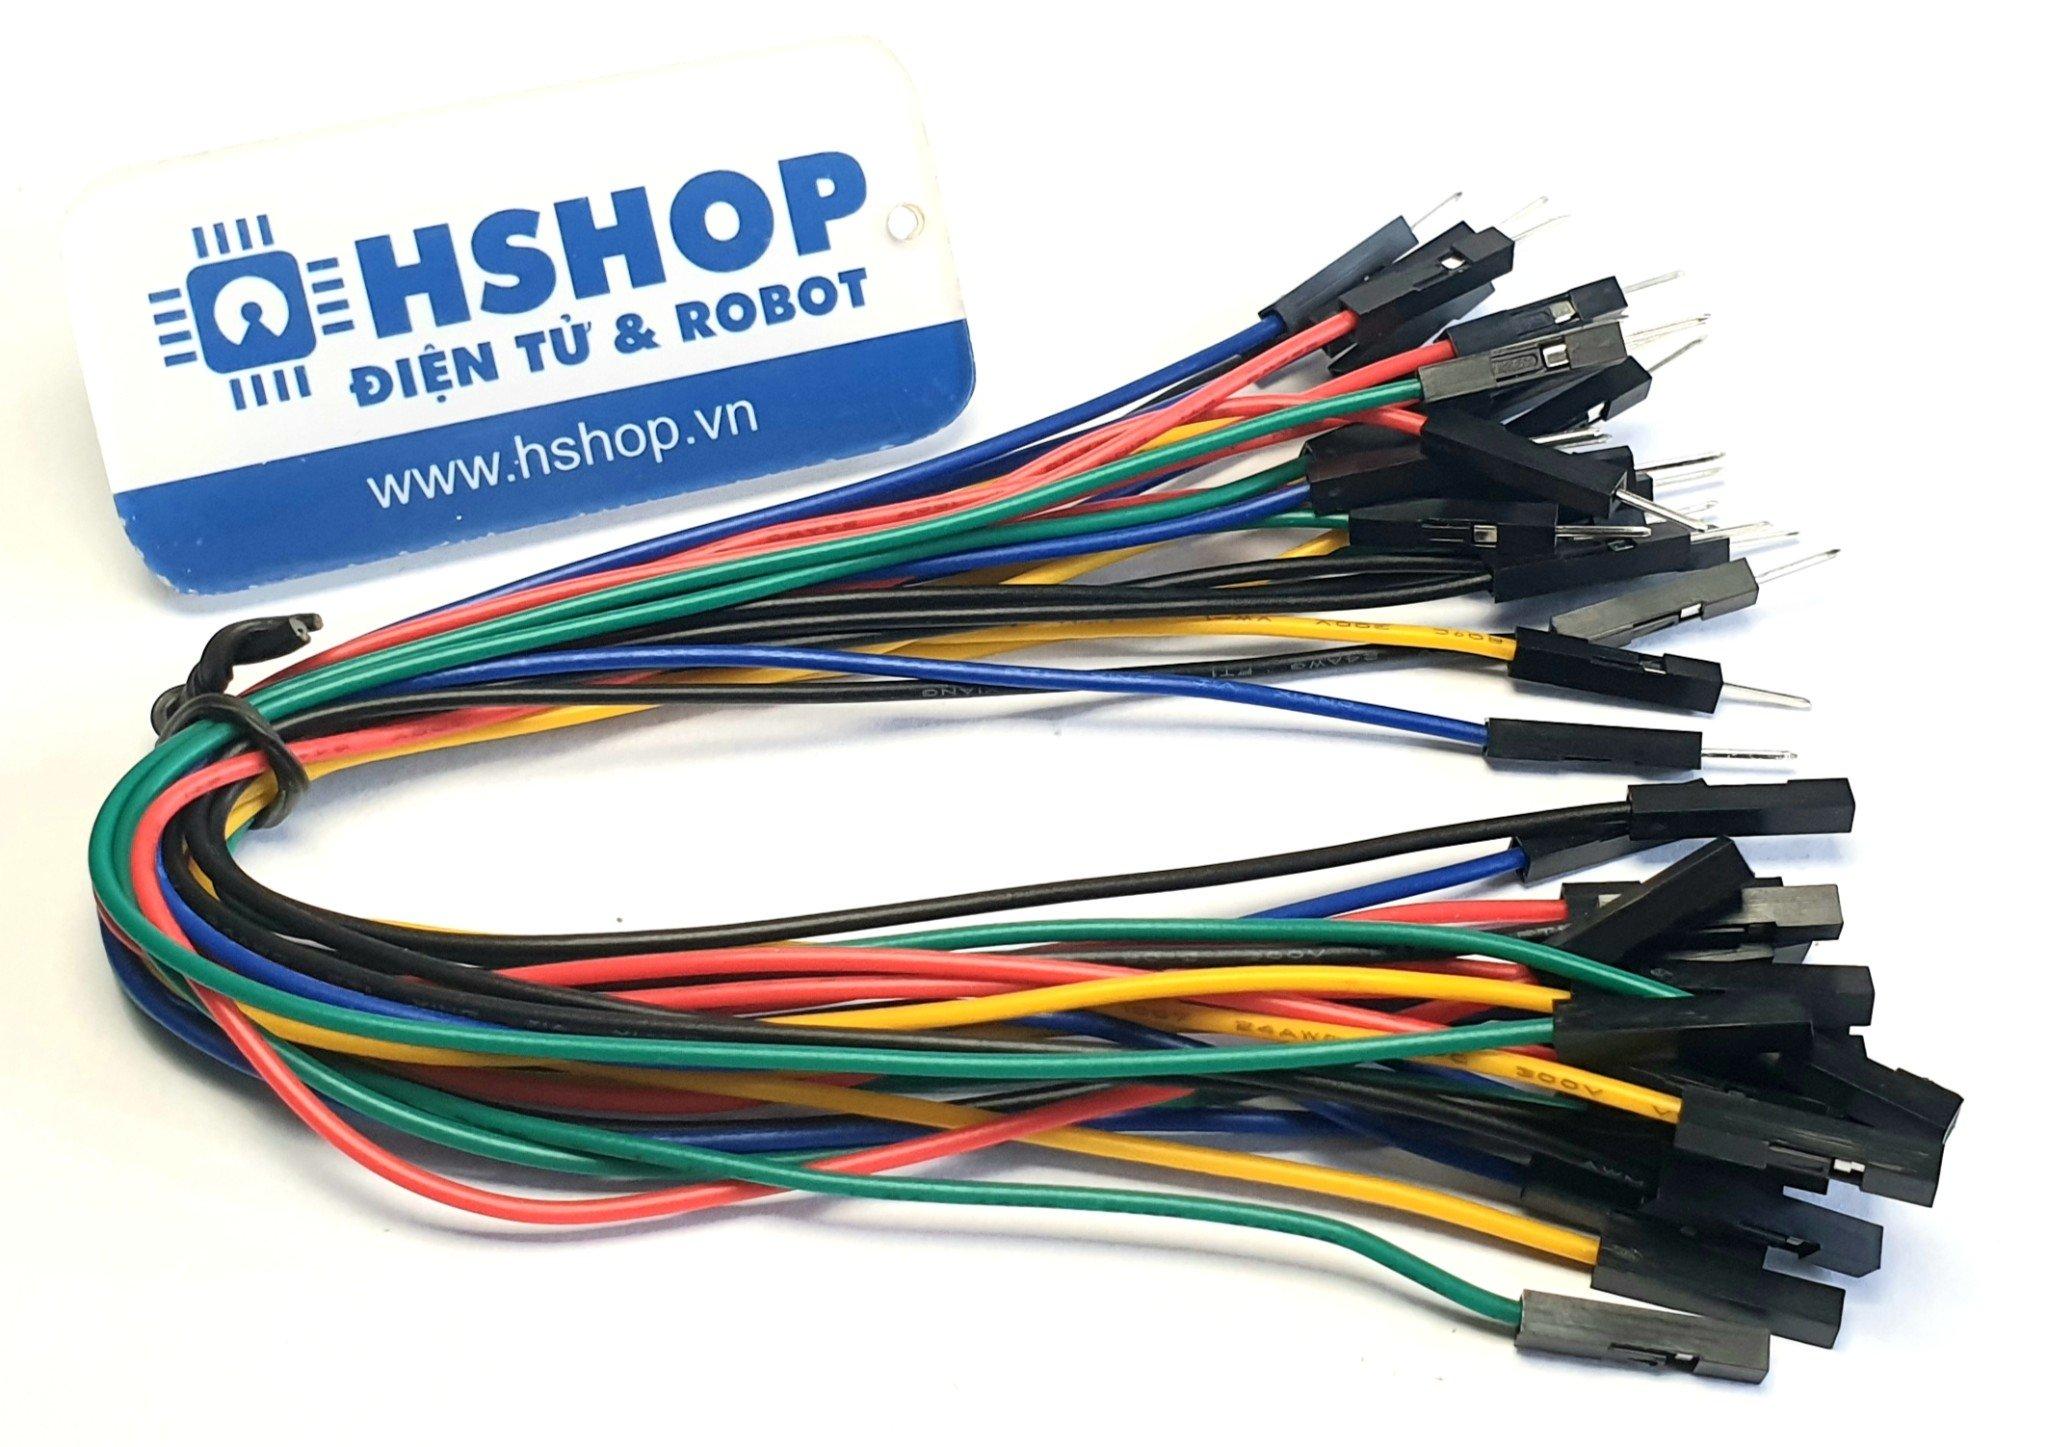 Dây Cắm Breadboard đực cái 20cm bó 25 sợi đơn loại tốt (M-F Jumper Wire)